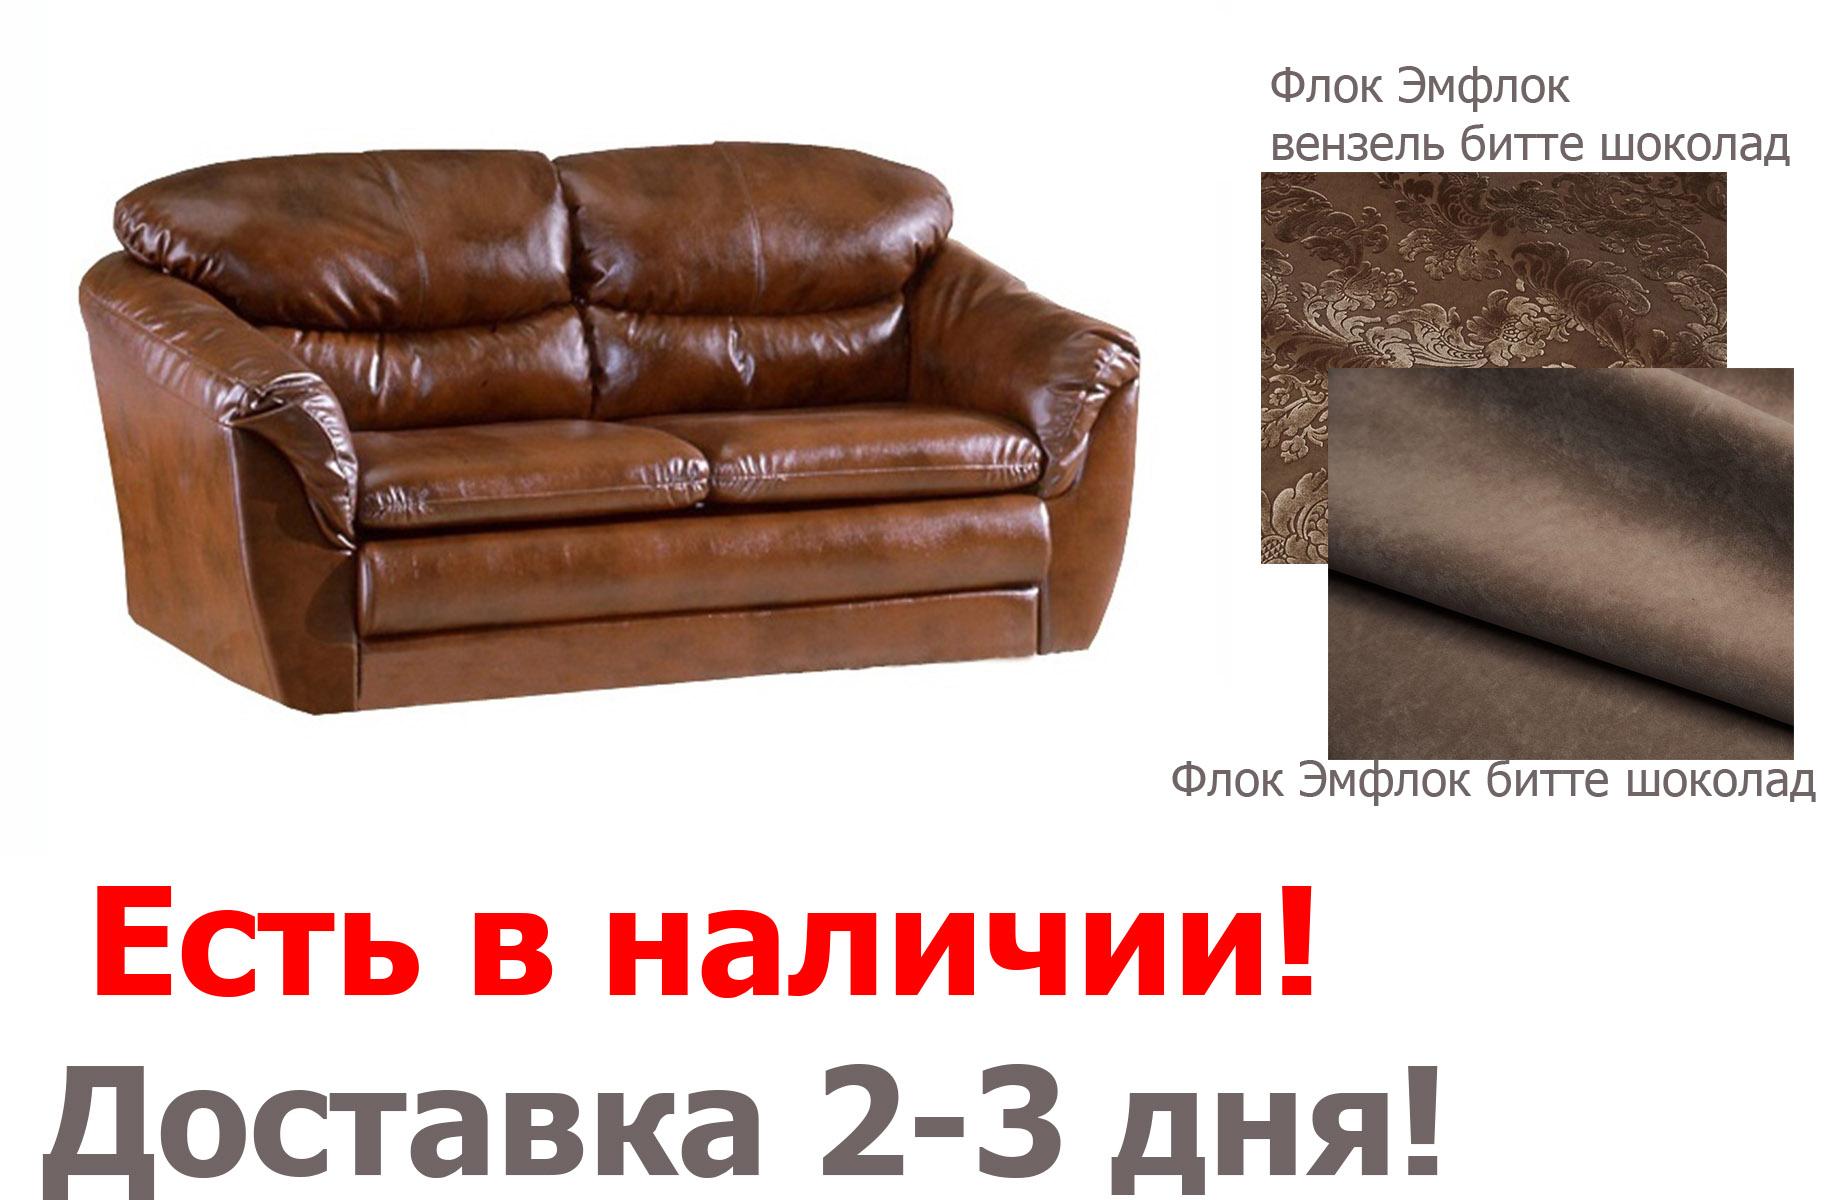 Выкатной диван Диона-м232 — Выкатной диван Диона